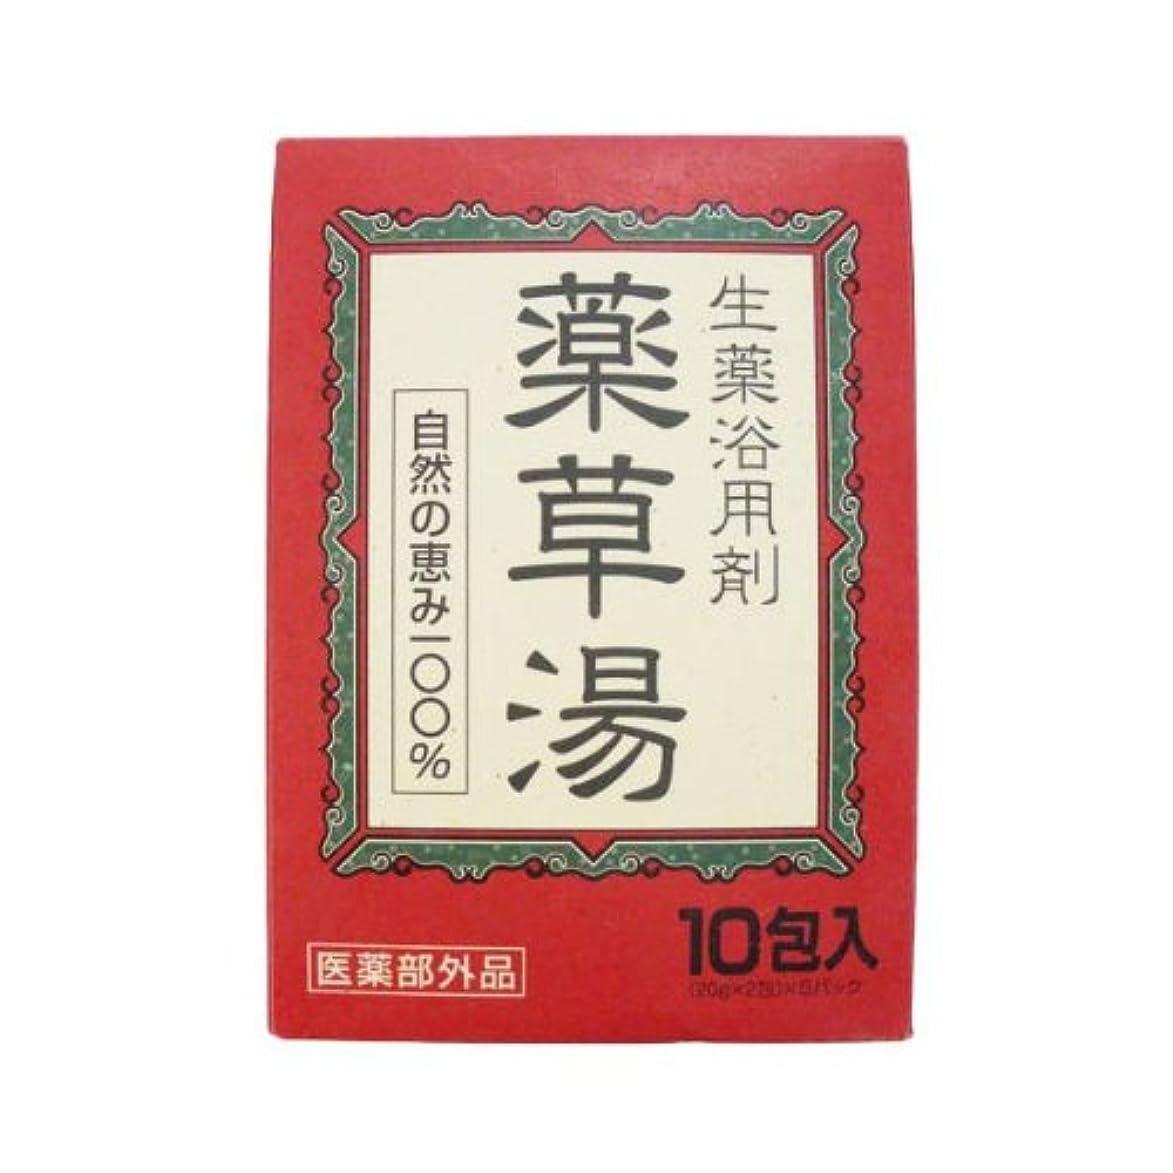 モンクランチョン悪のVVN生薬入浴剤薬草湯10包×(20セット)